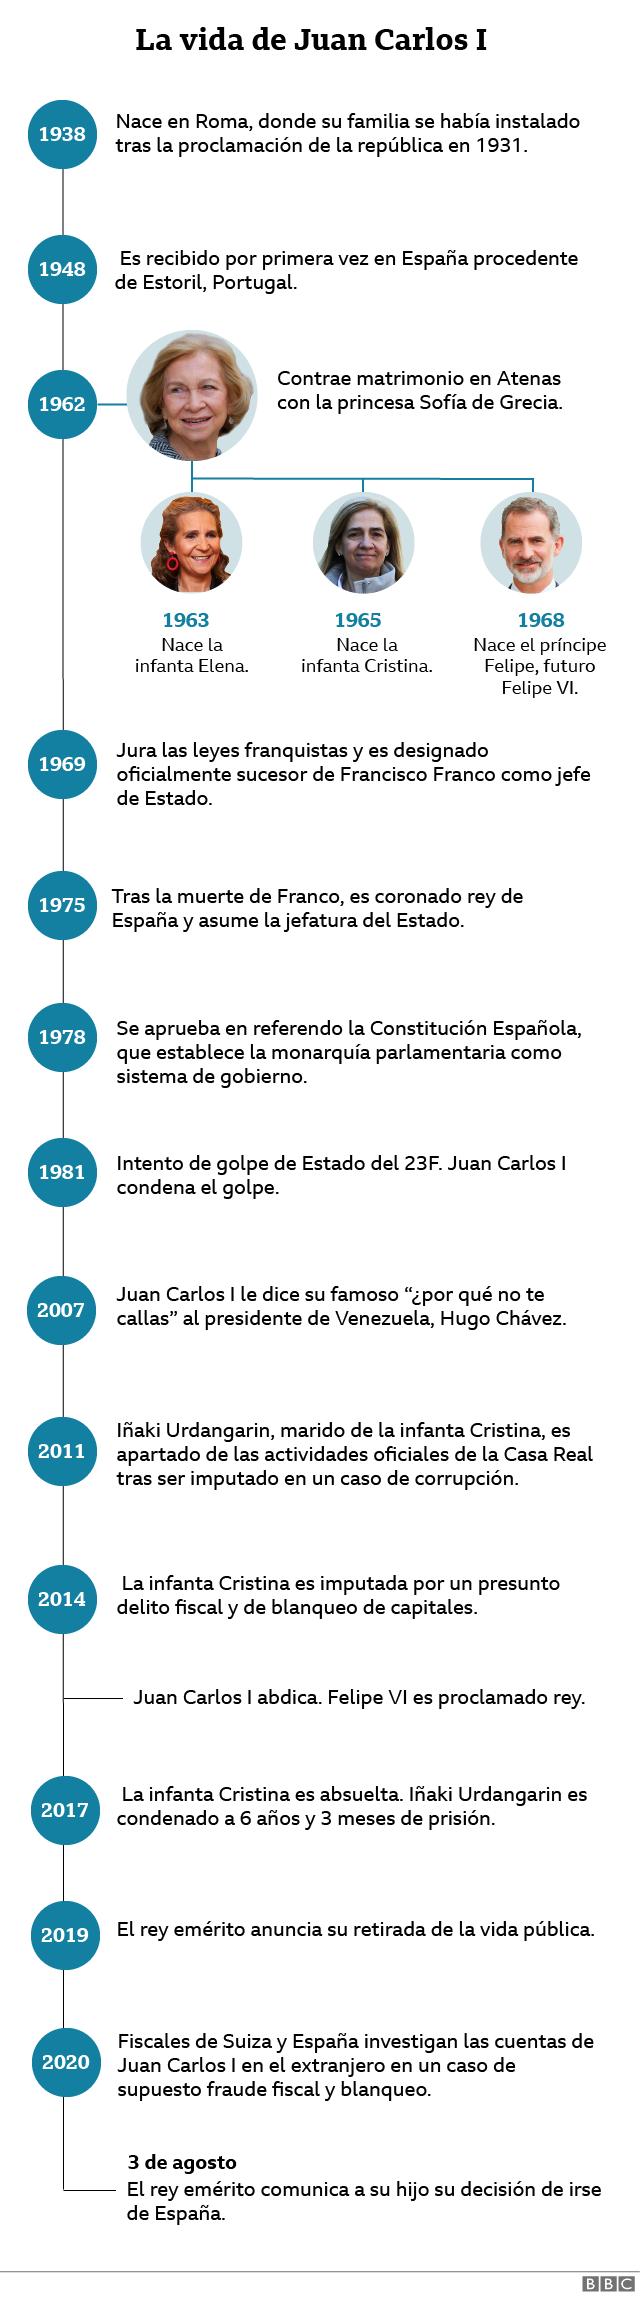 cronología de la vida de Juan Carlos I desde su nacimiento hasta su retirada de España